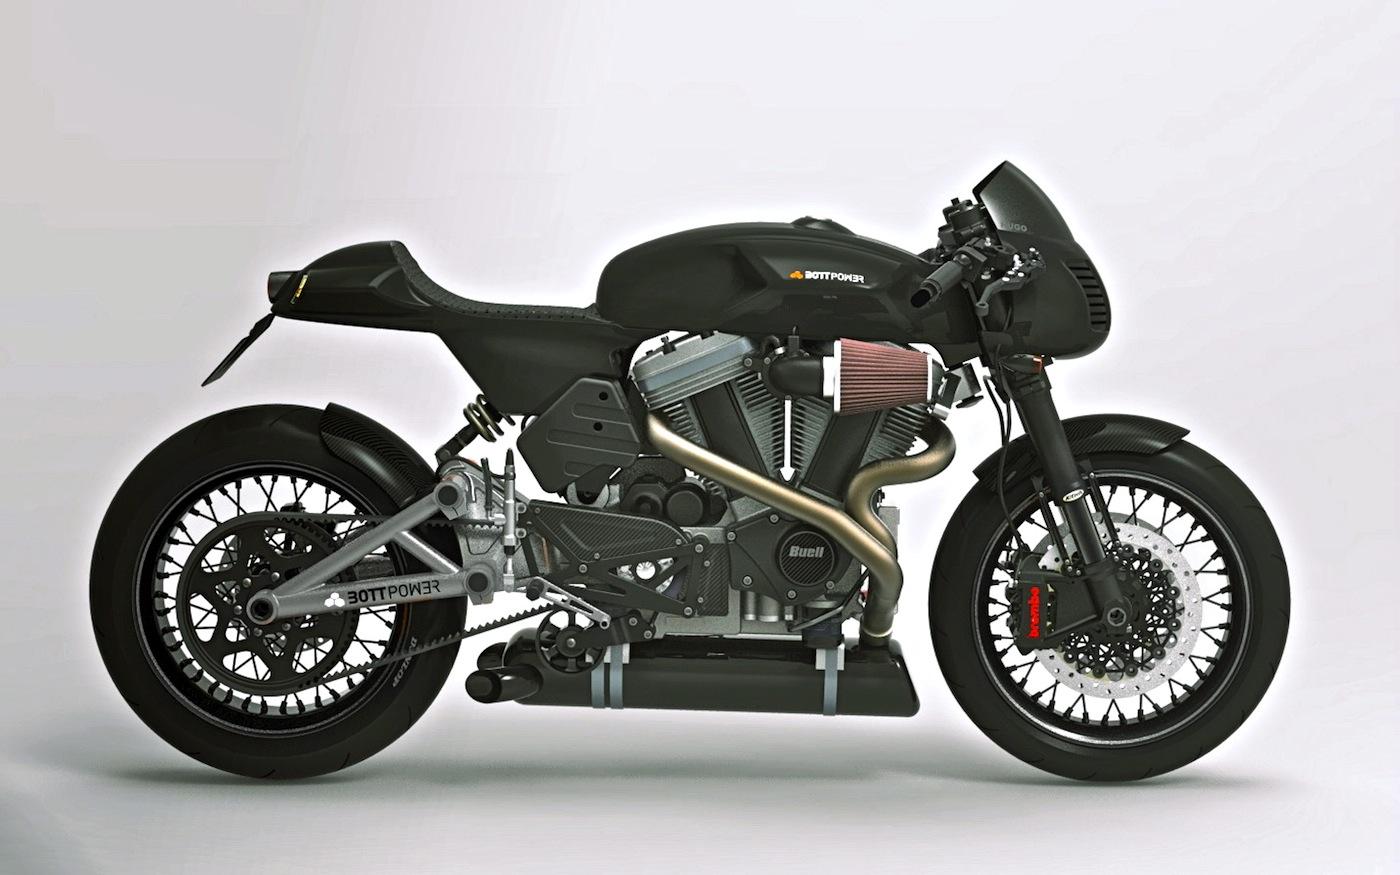 bott design cafe racer concept inazuma caf racer. Black Bedroom Furniture Sets. Home Design Ideas